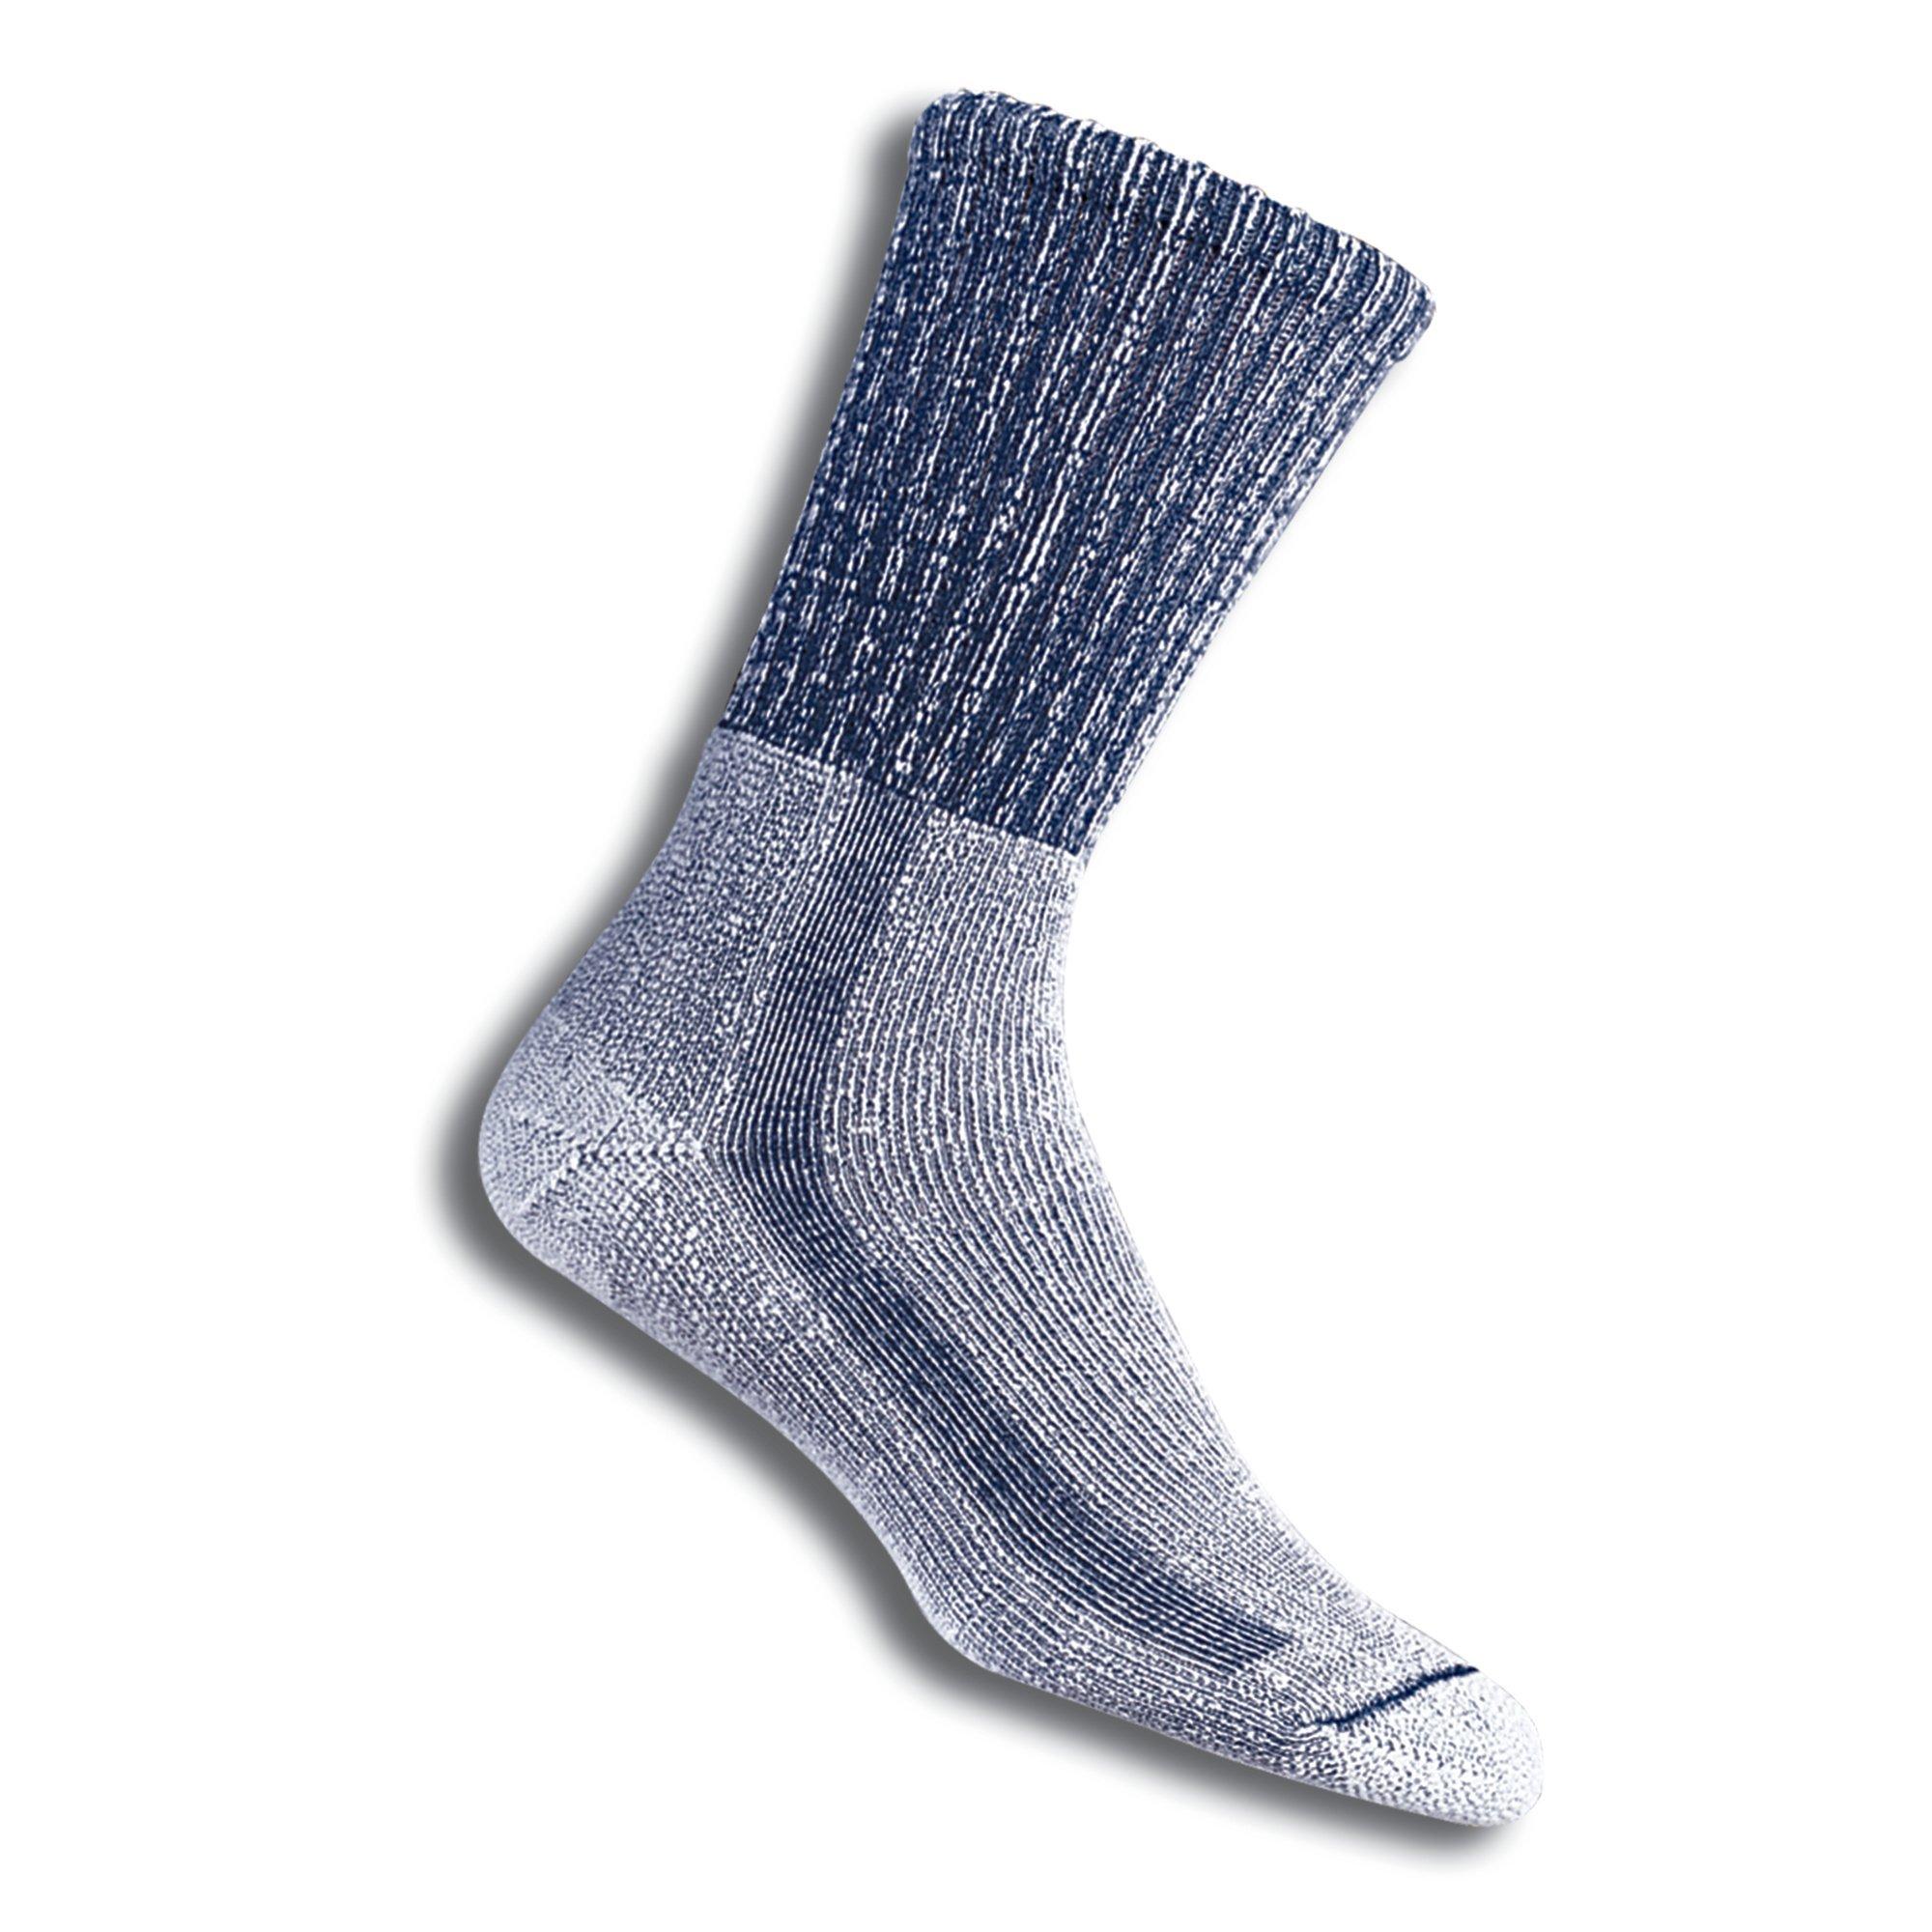 12d11cd70c853 Best Rated in Men's Outdoor Recreation Socks & Helpful Customer ...